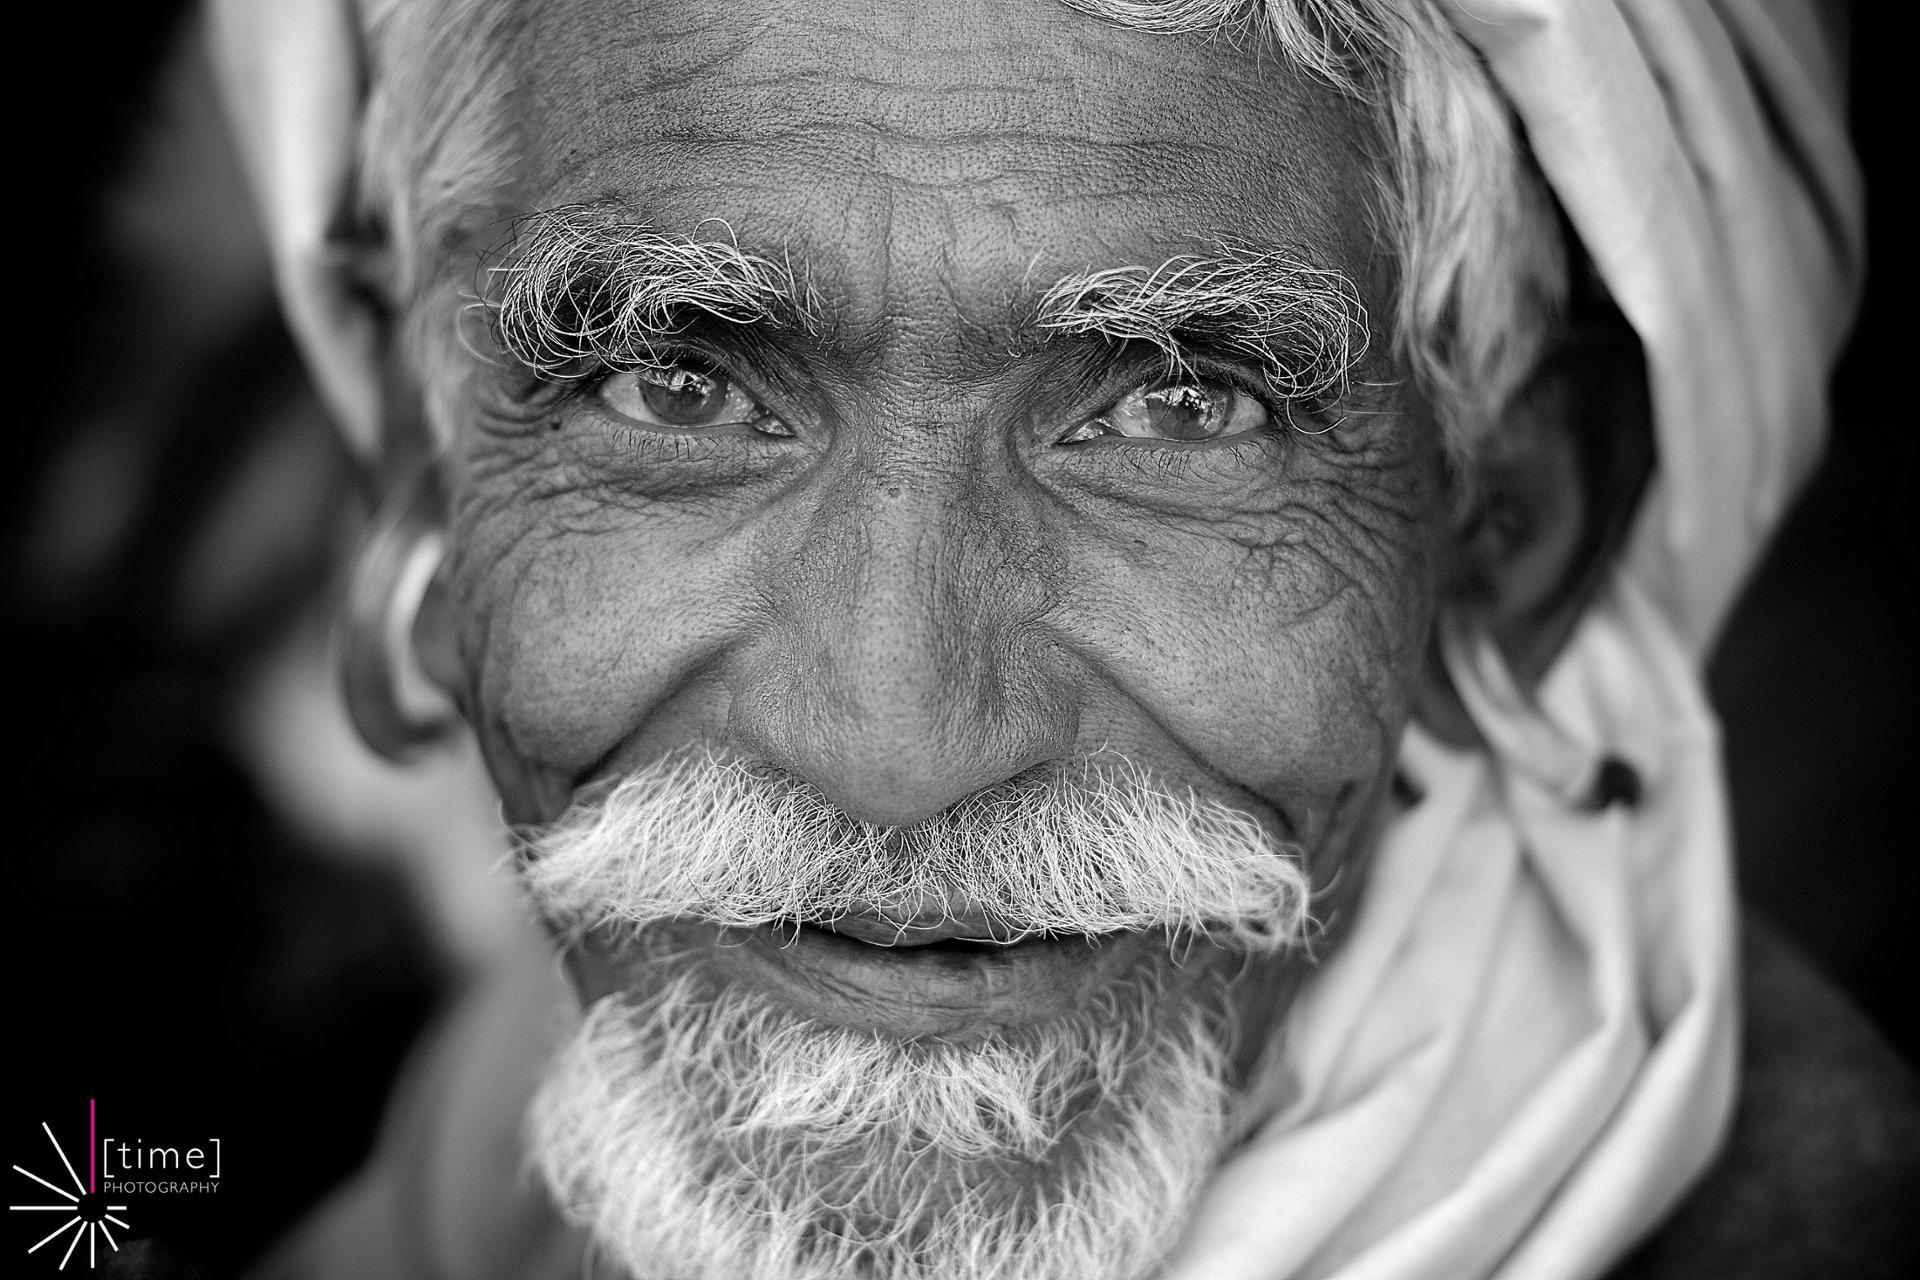 An old Man in Jodhpur